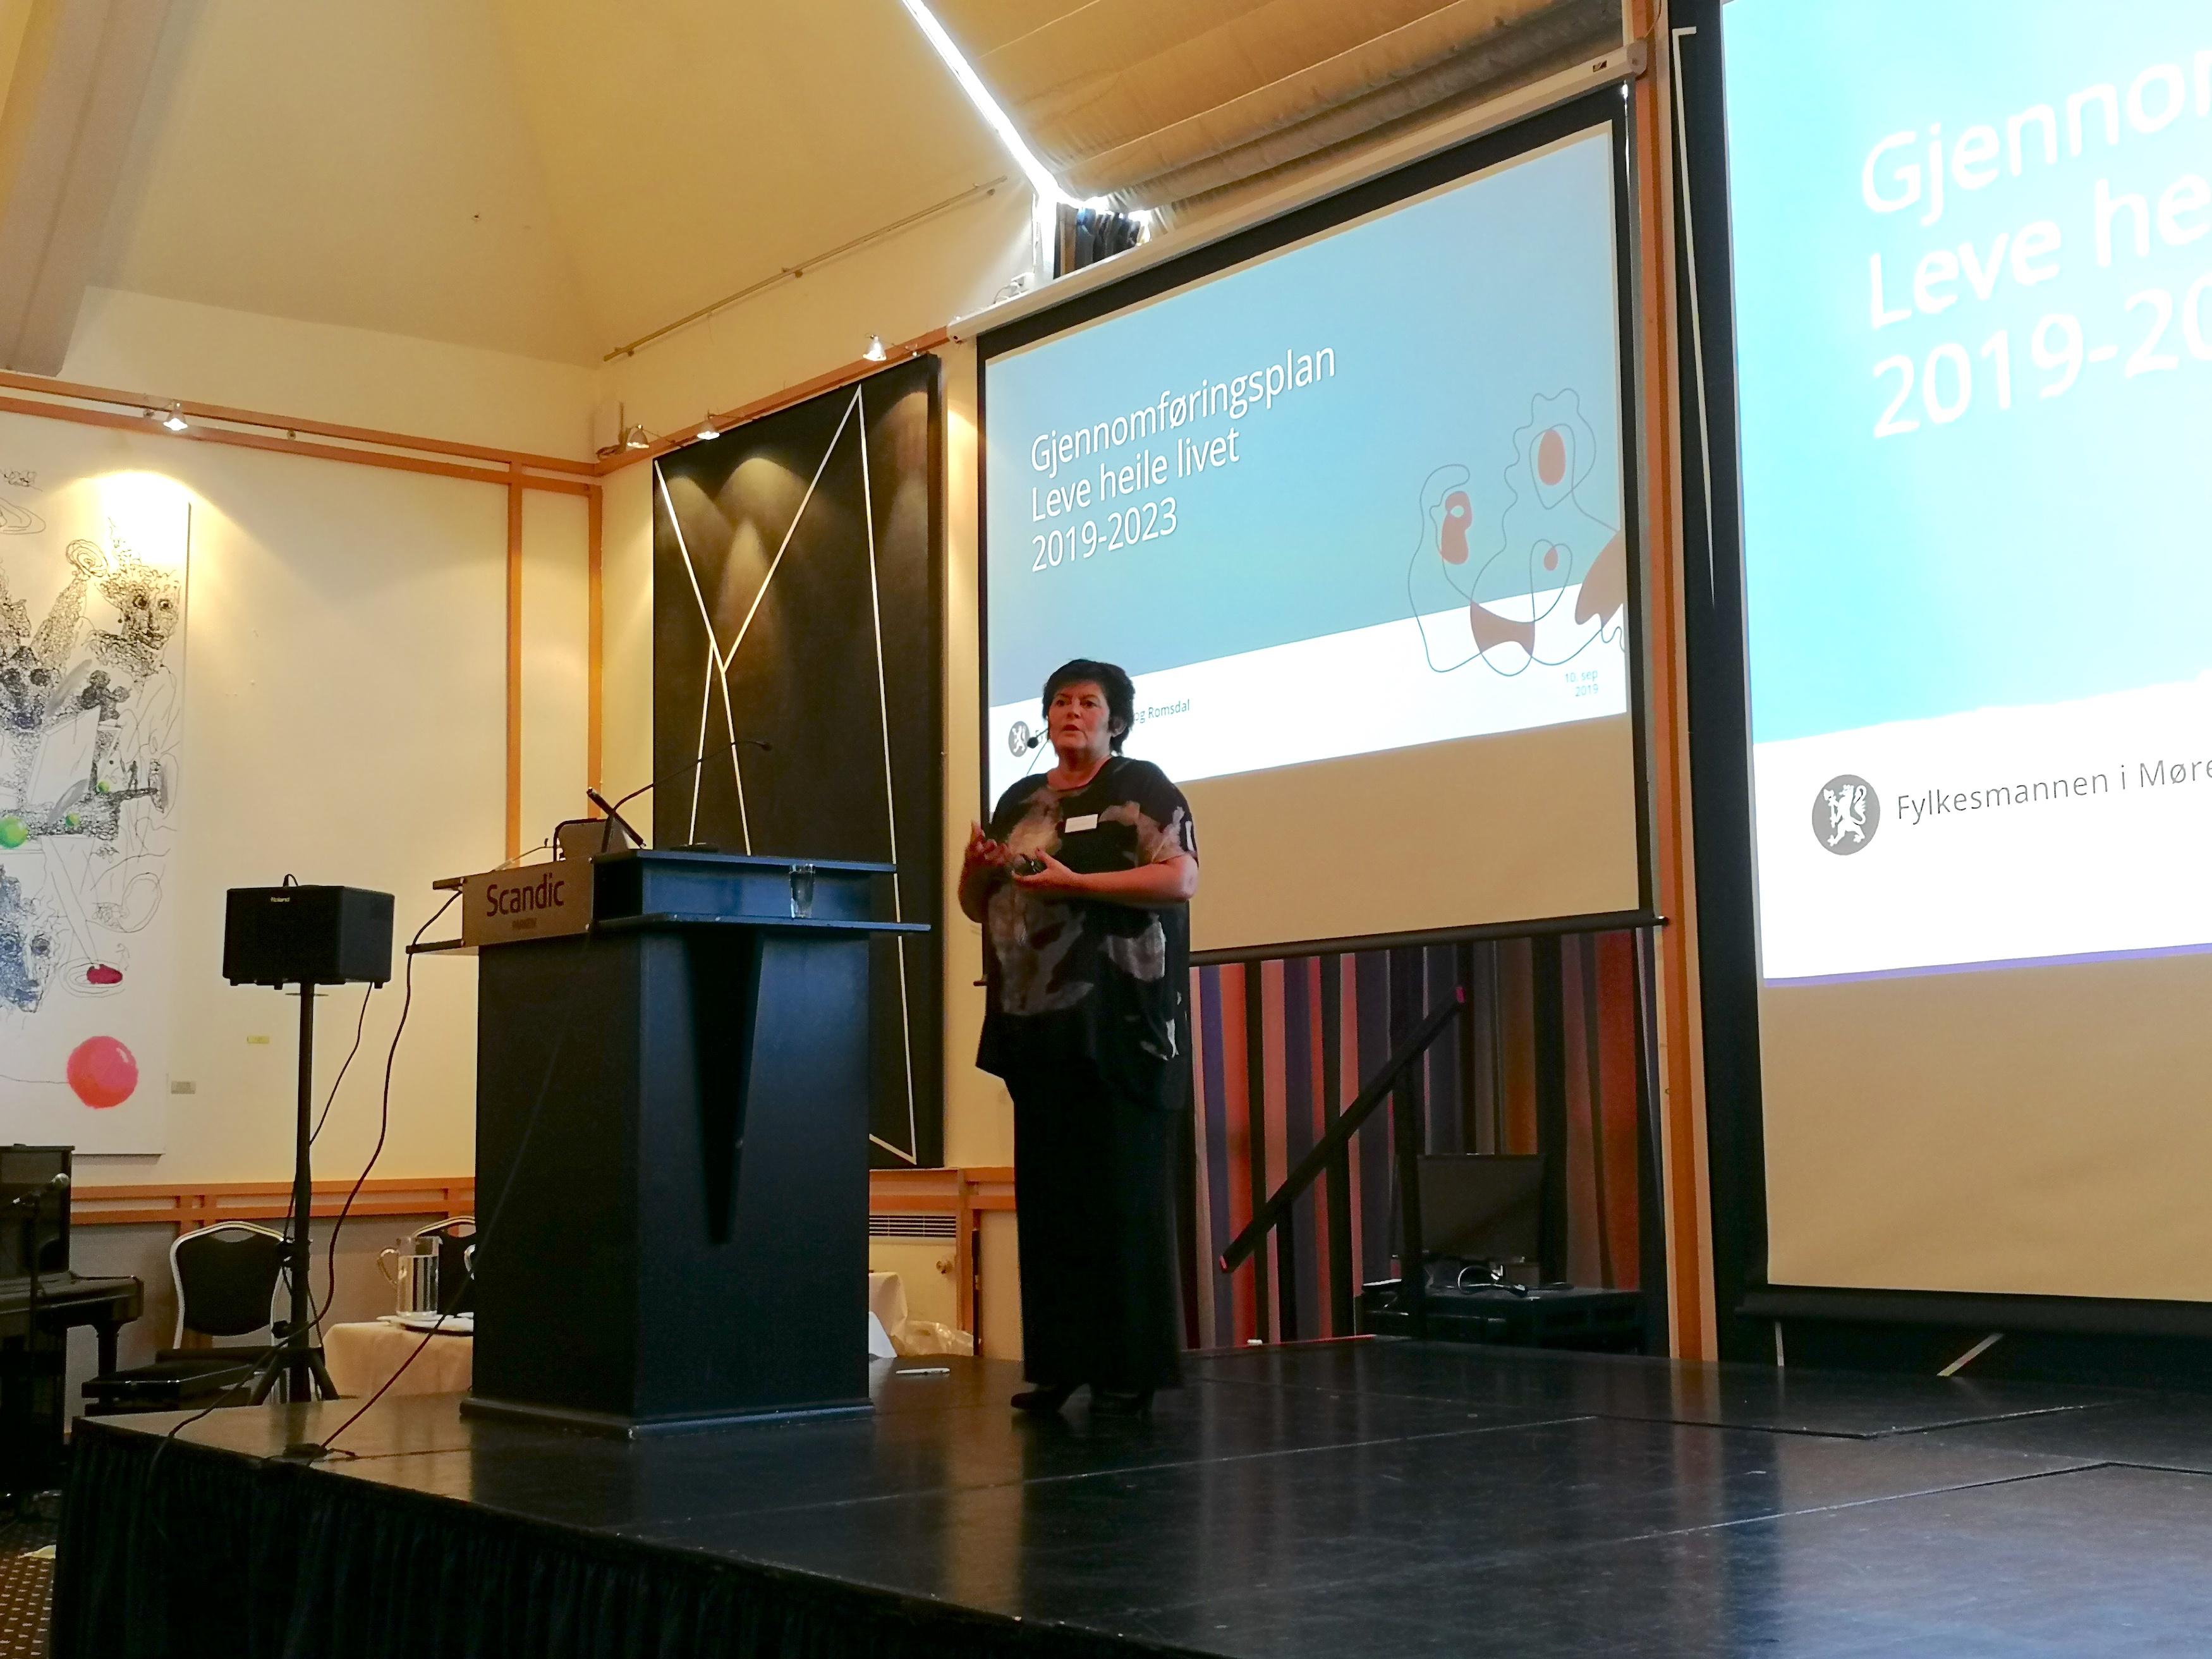 Greta Hanset fra Fylkesmannen i Møre og Romsdal